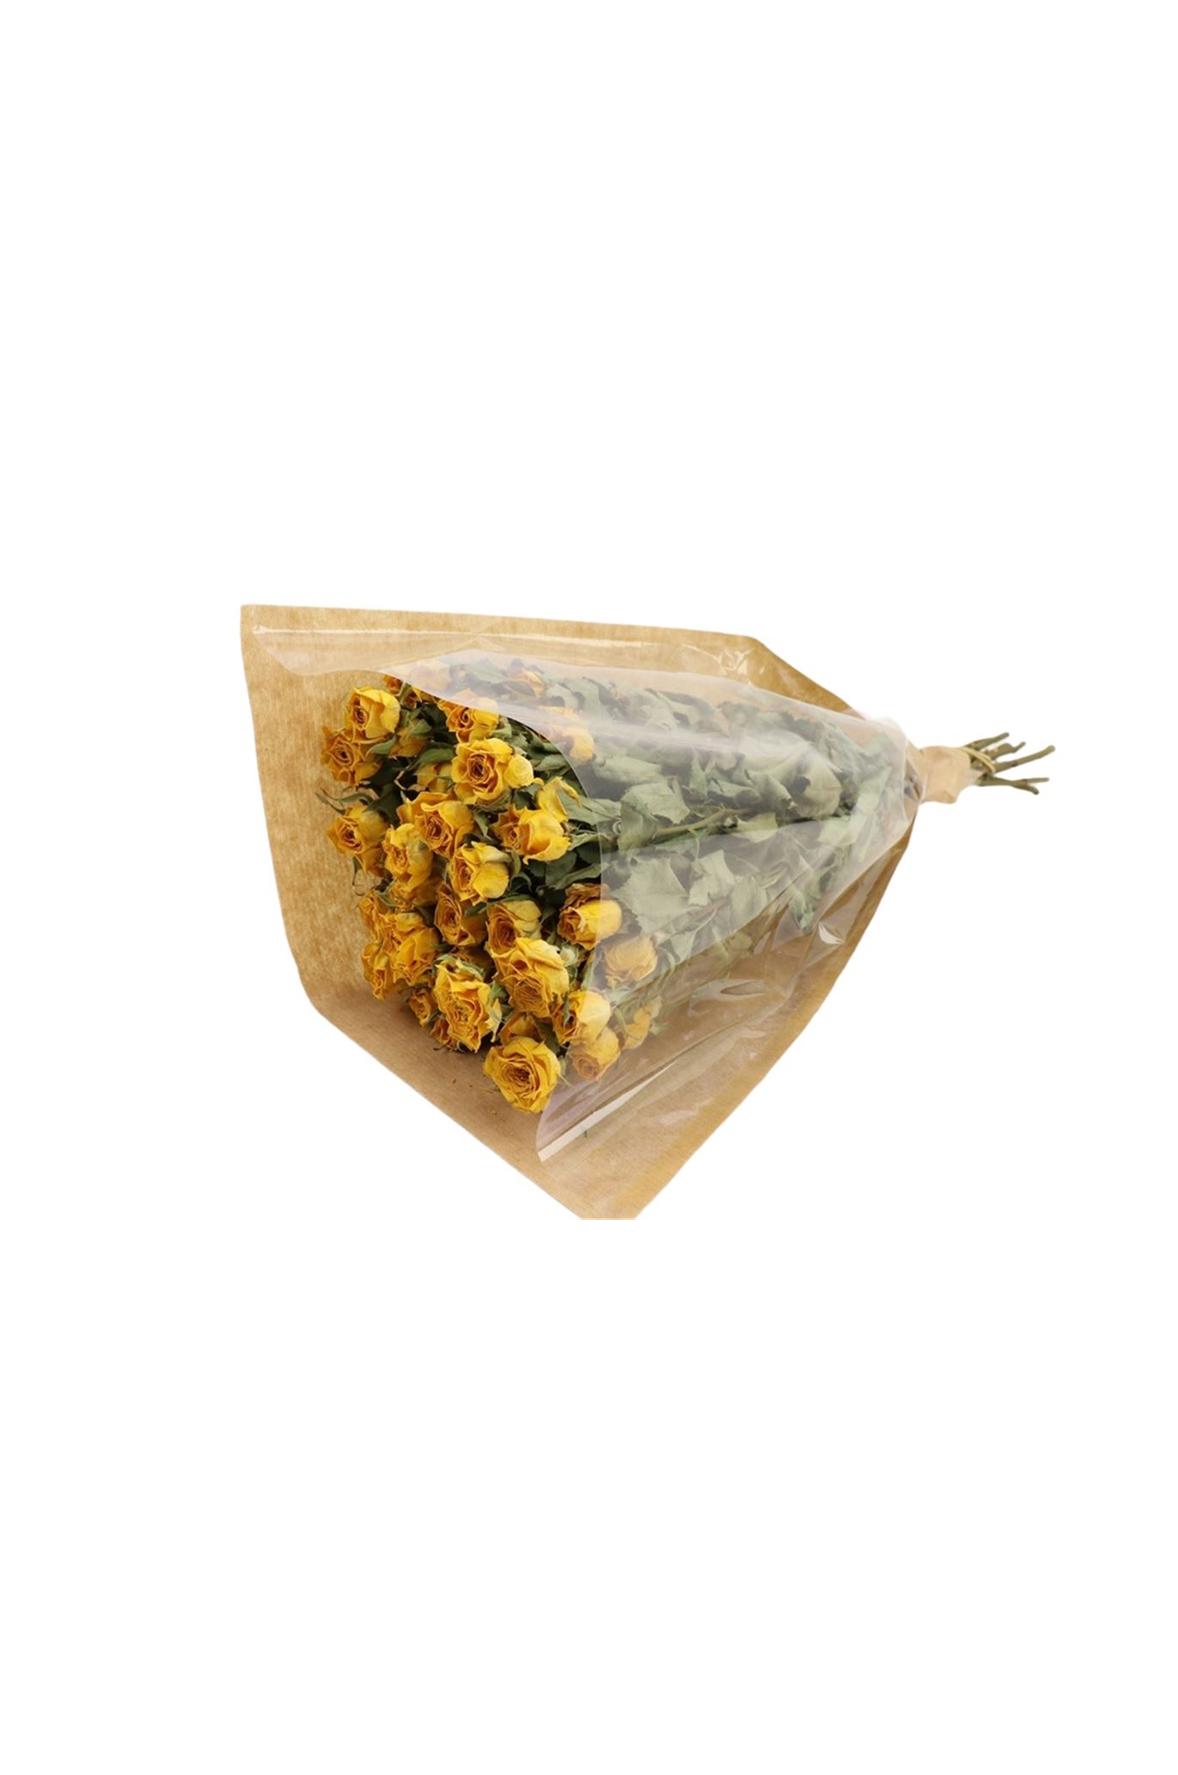 Mazzo di 10 fiori di Rosa colore giallo essiccata e stabilizzata l. 40 cm